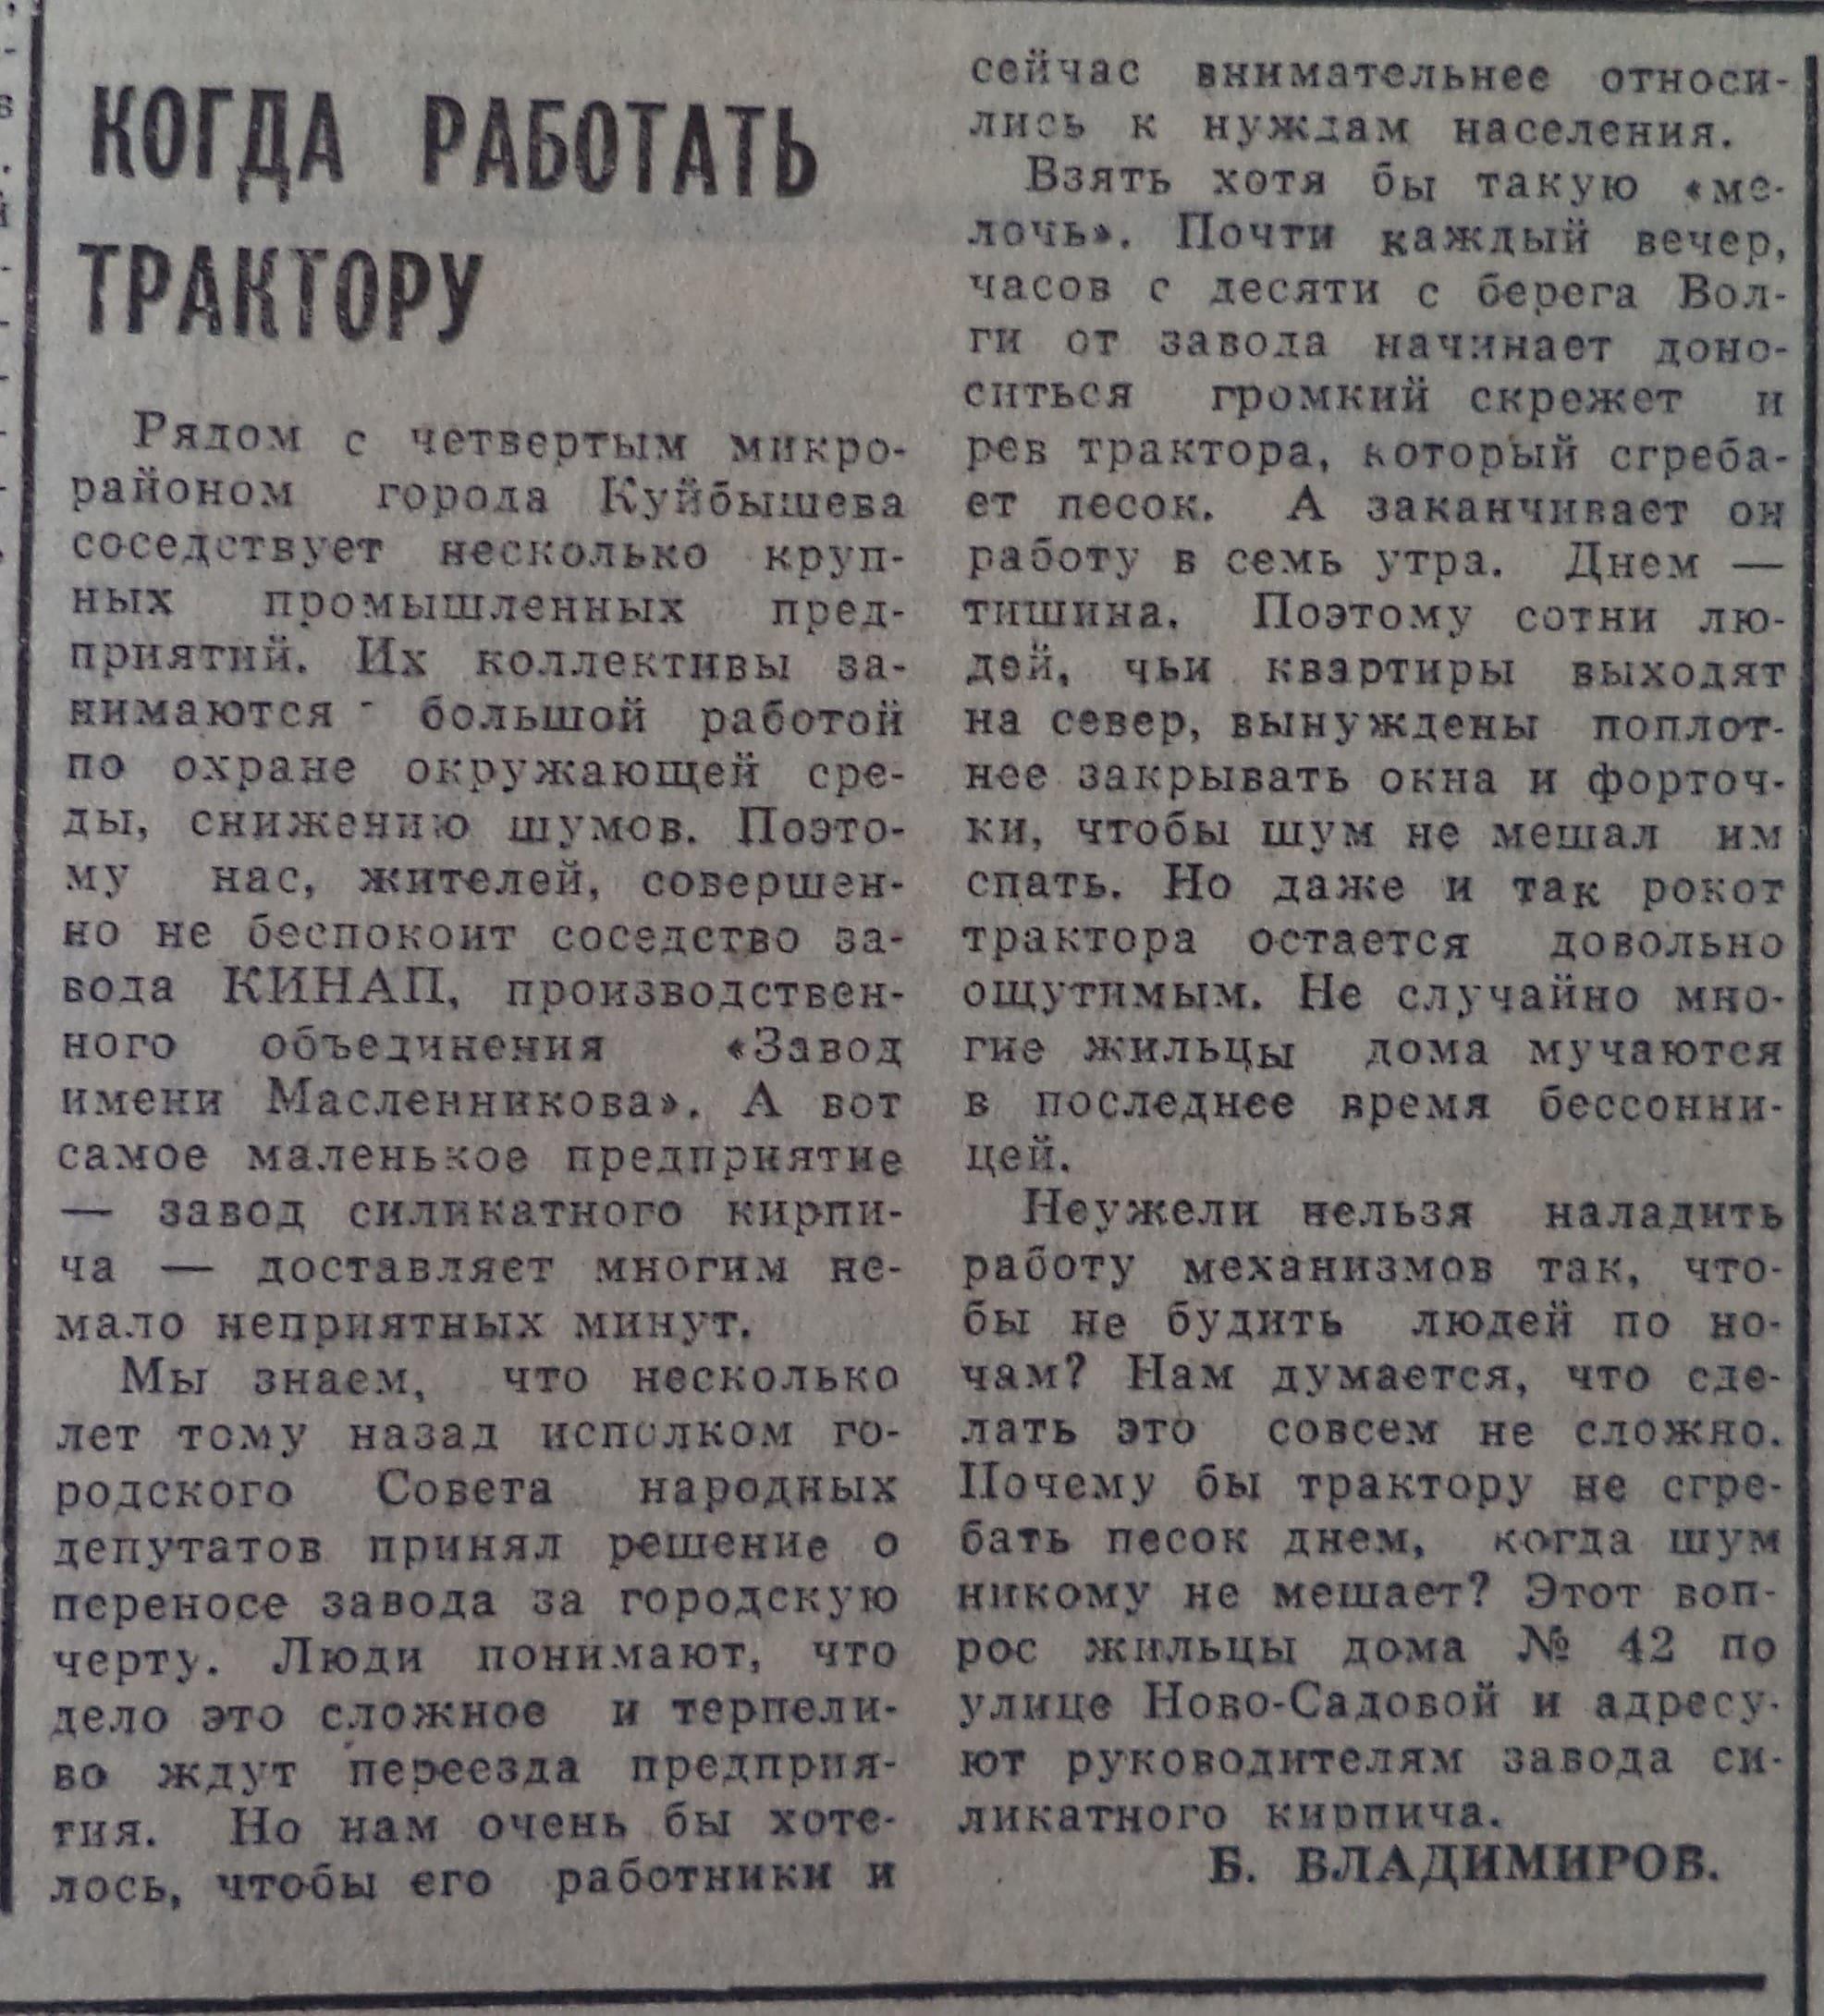 Соколова-ФОТО-17-ВКа-1980-08-15-шумы от Силикат. з-да-min